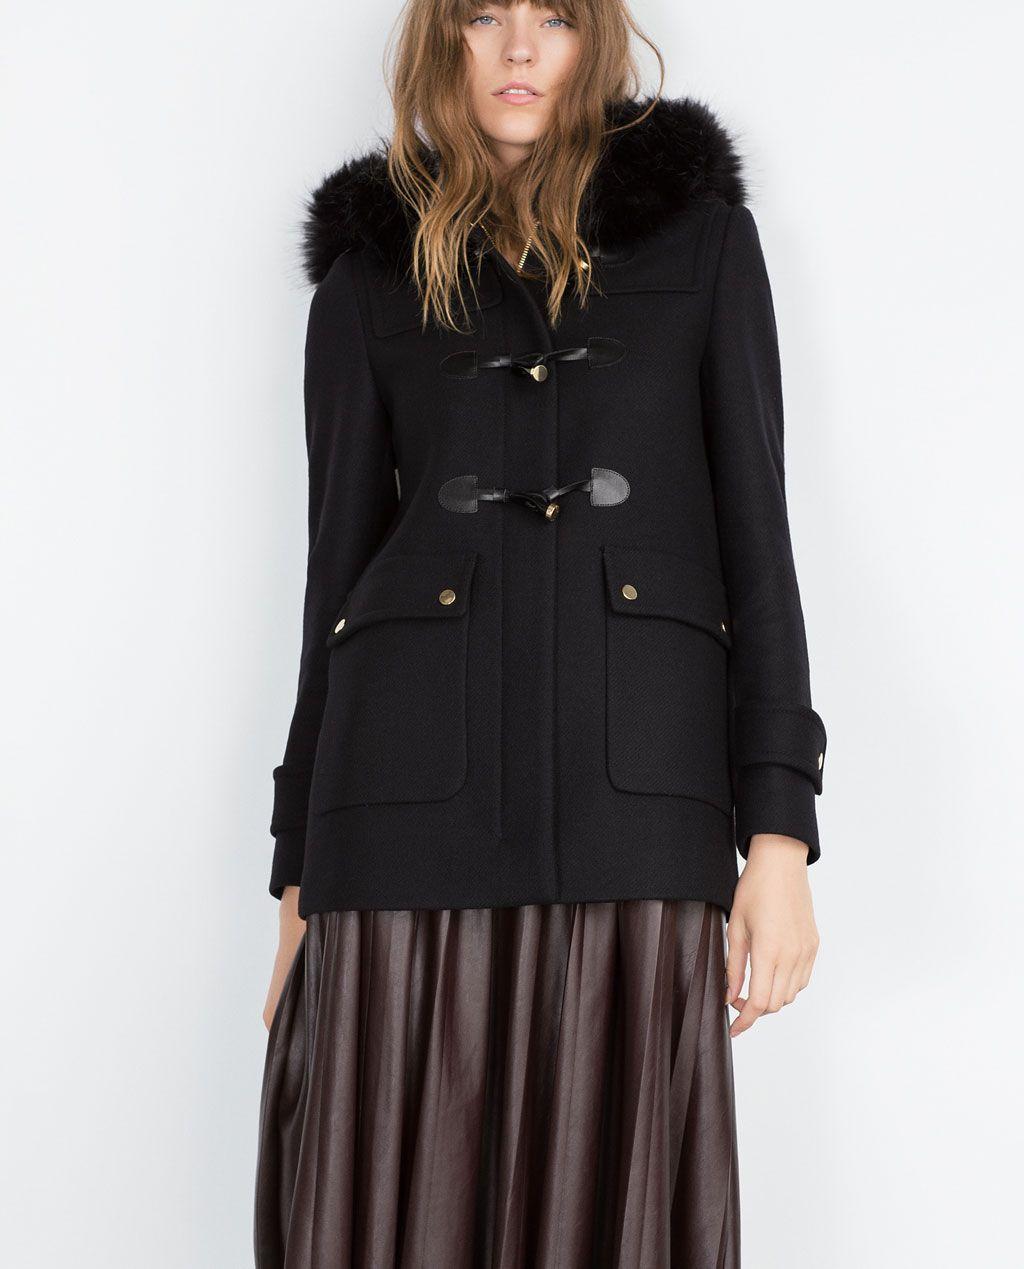 Zara Manteaux Duffle France Coat Fourrure Capuche Femme wfAFqXA